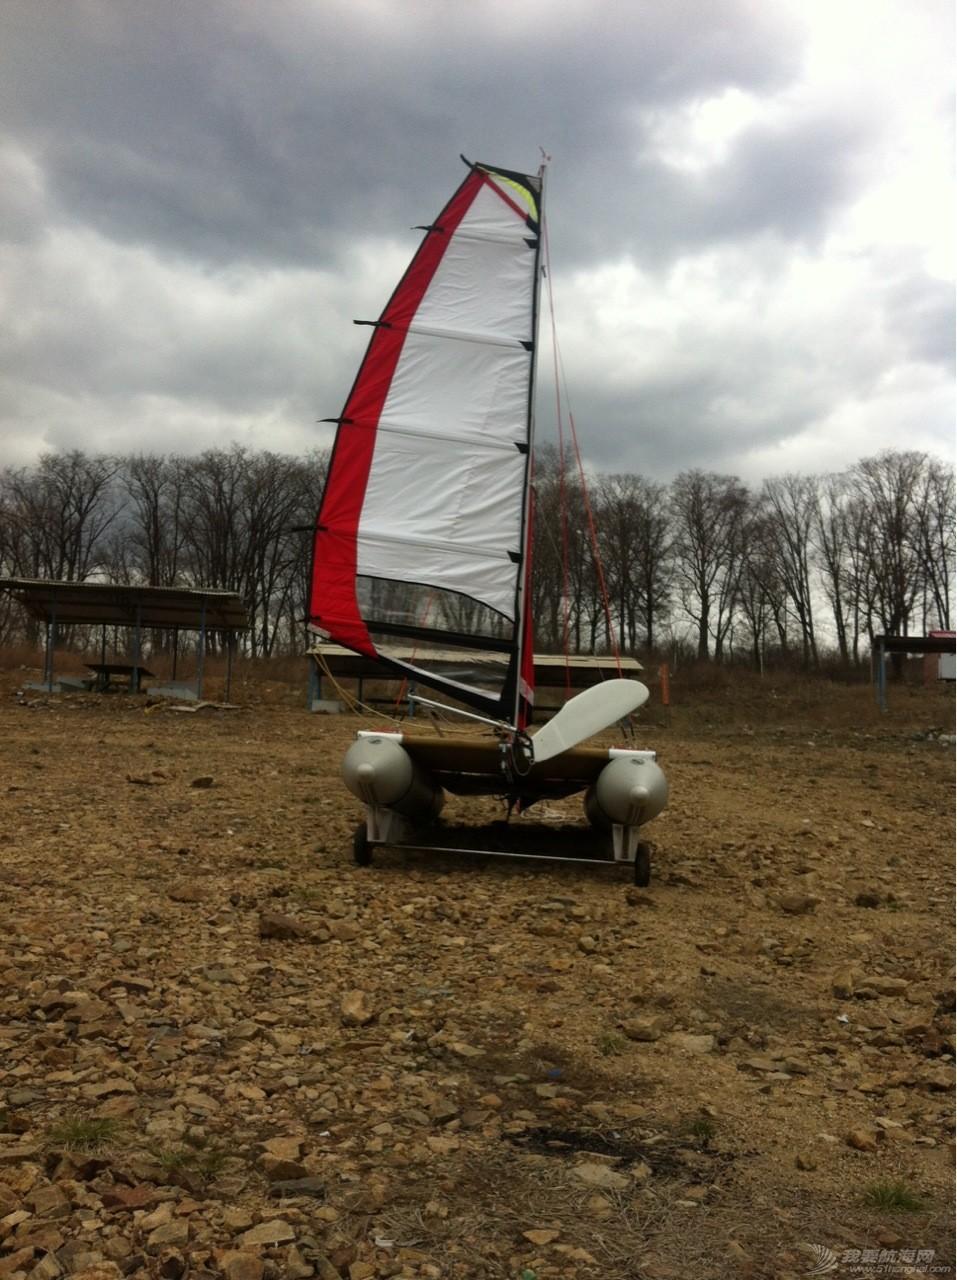 钢丝绳,热那亚,帆船,把手,空间 在家造帆船(下篇) 夹上小拖车